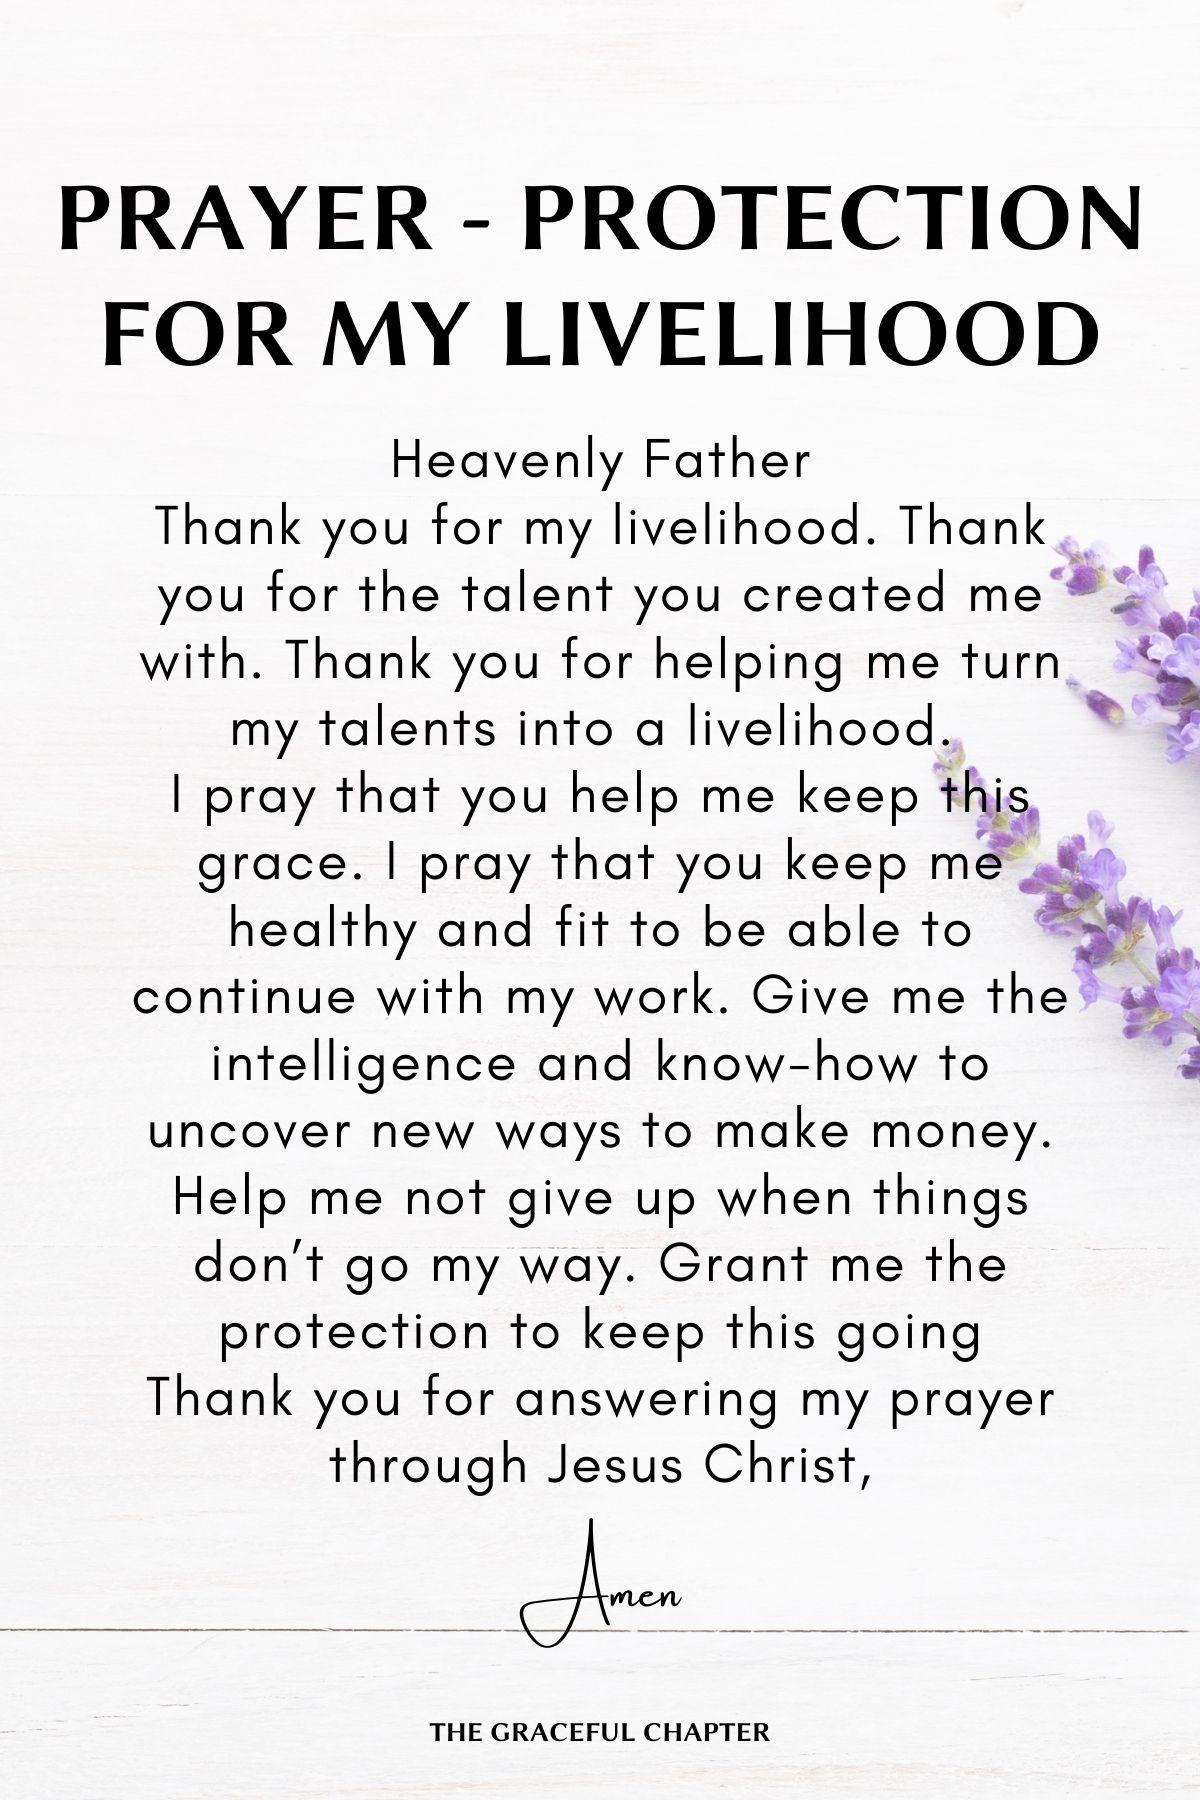 Prayers for Protection for livelihood